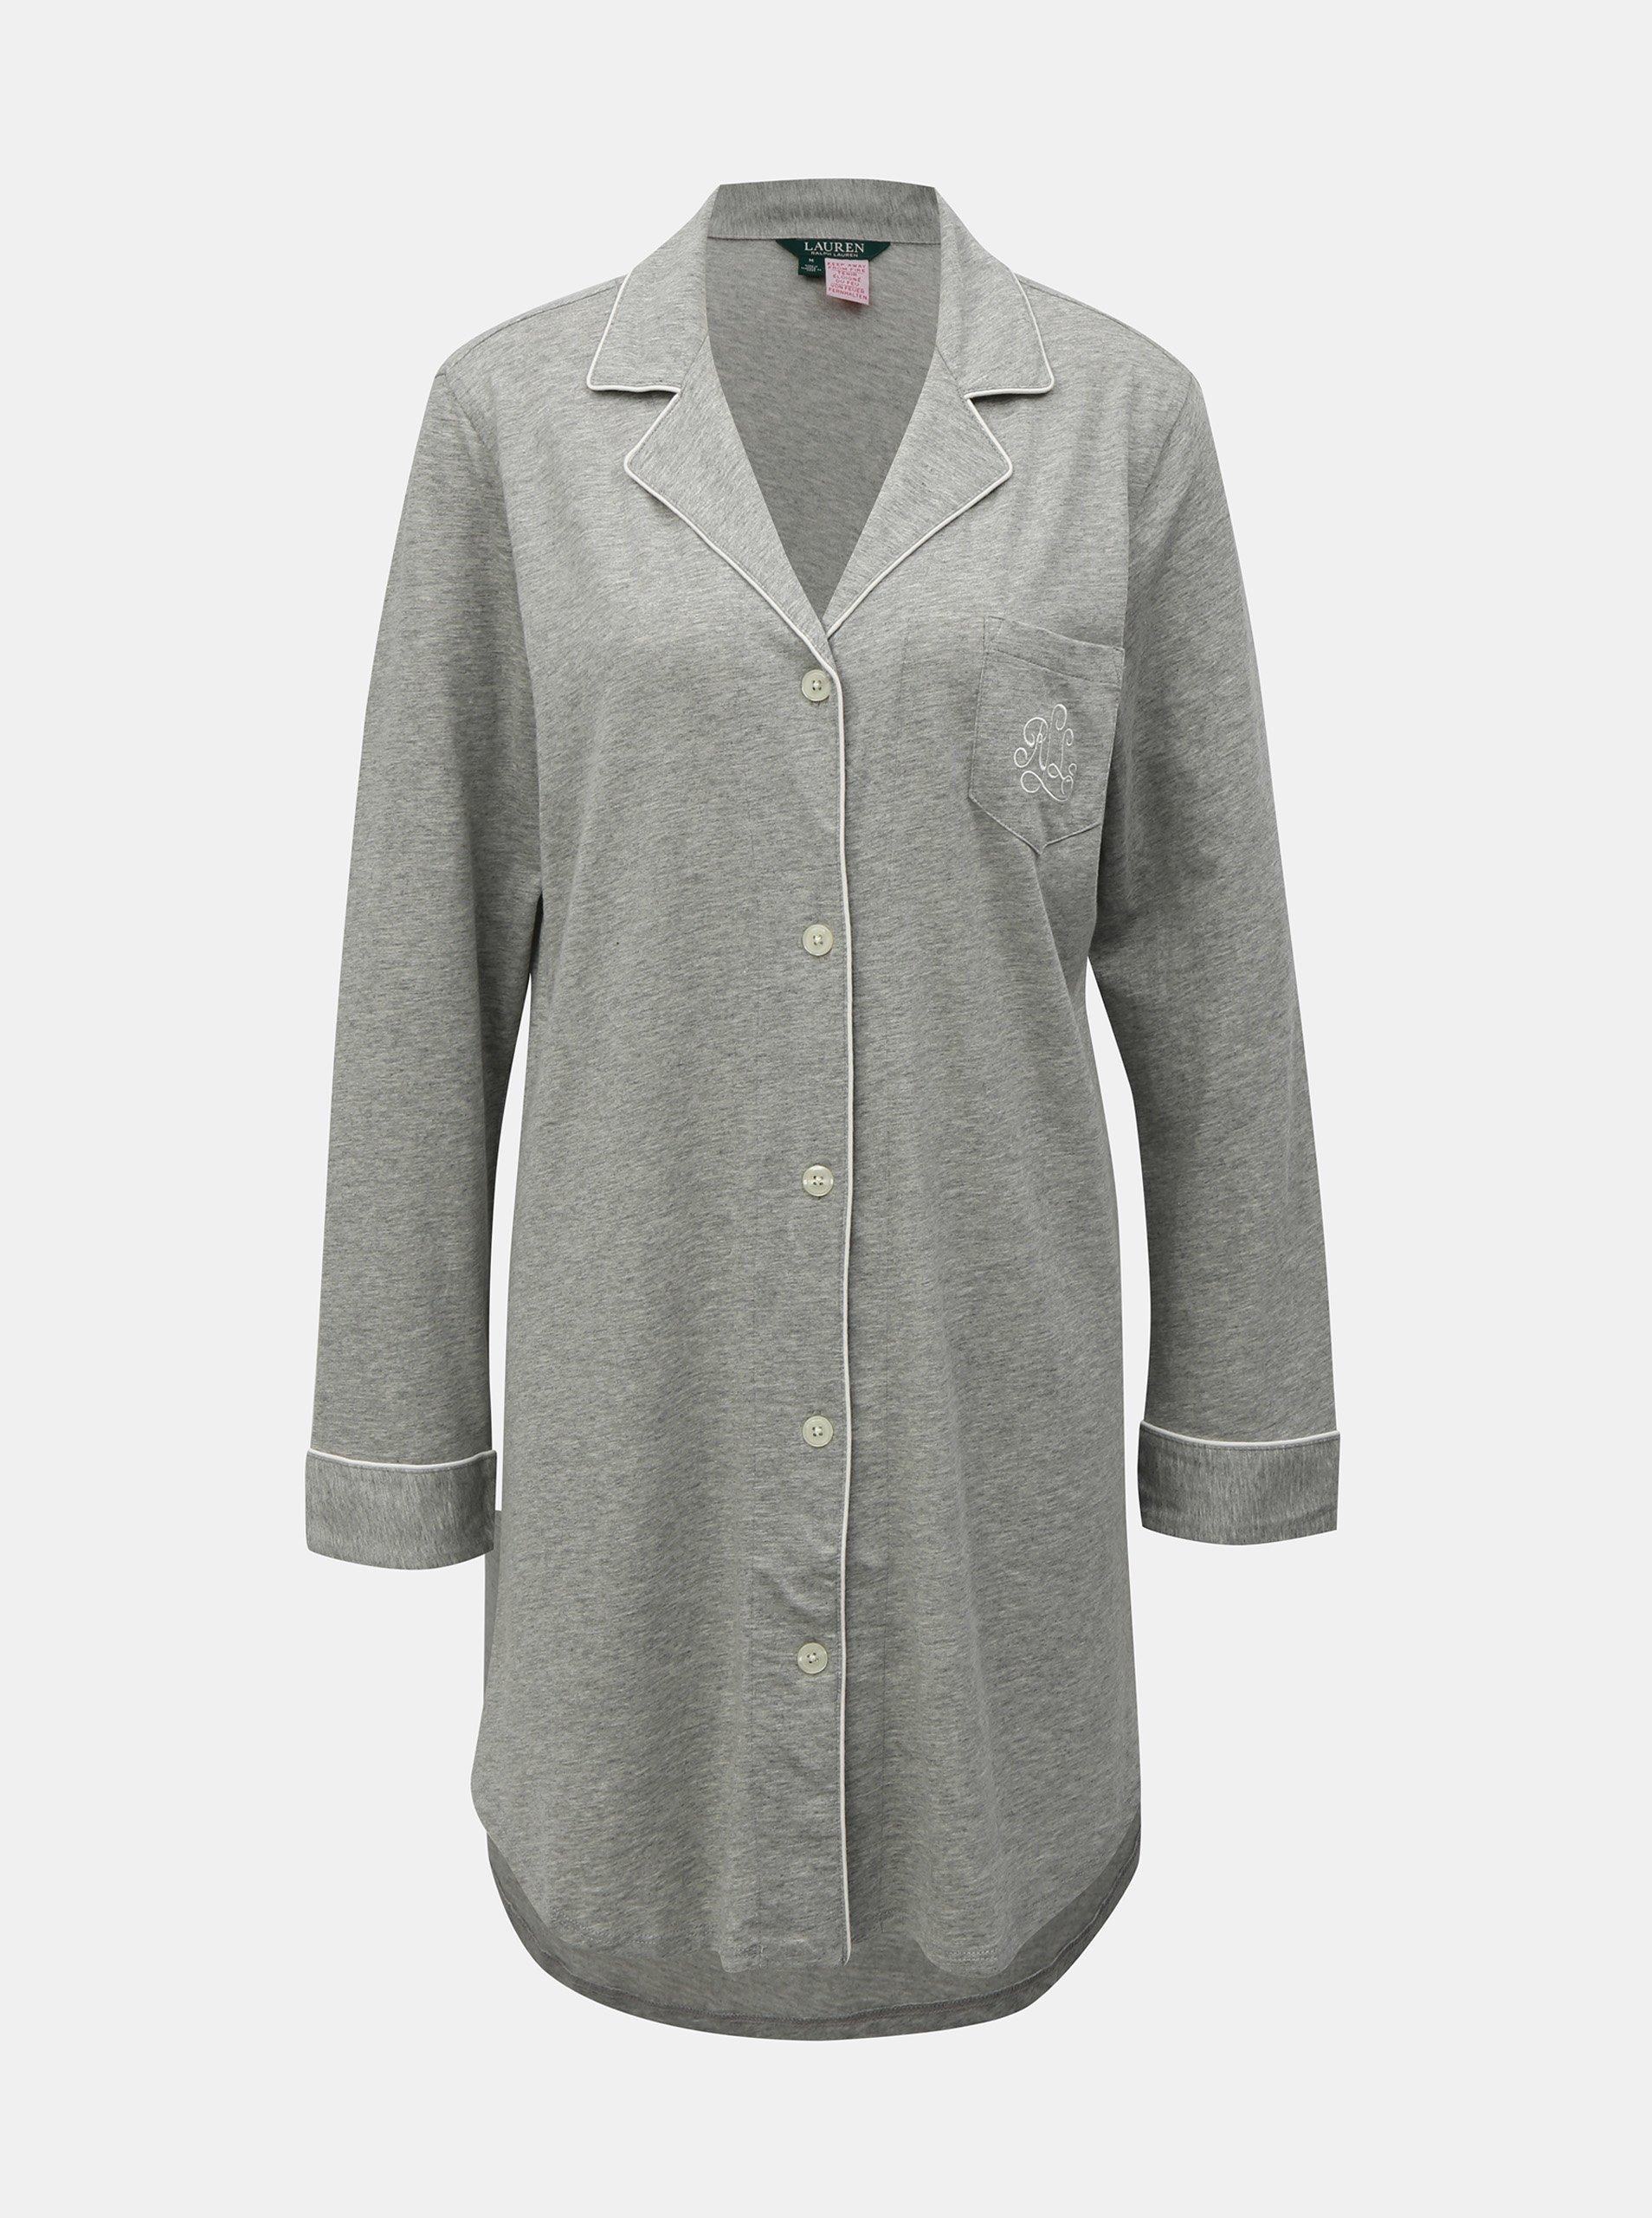 Šedá žíhaná noční košile se zapínáním na knoflíky Lauren Ralph Lauren